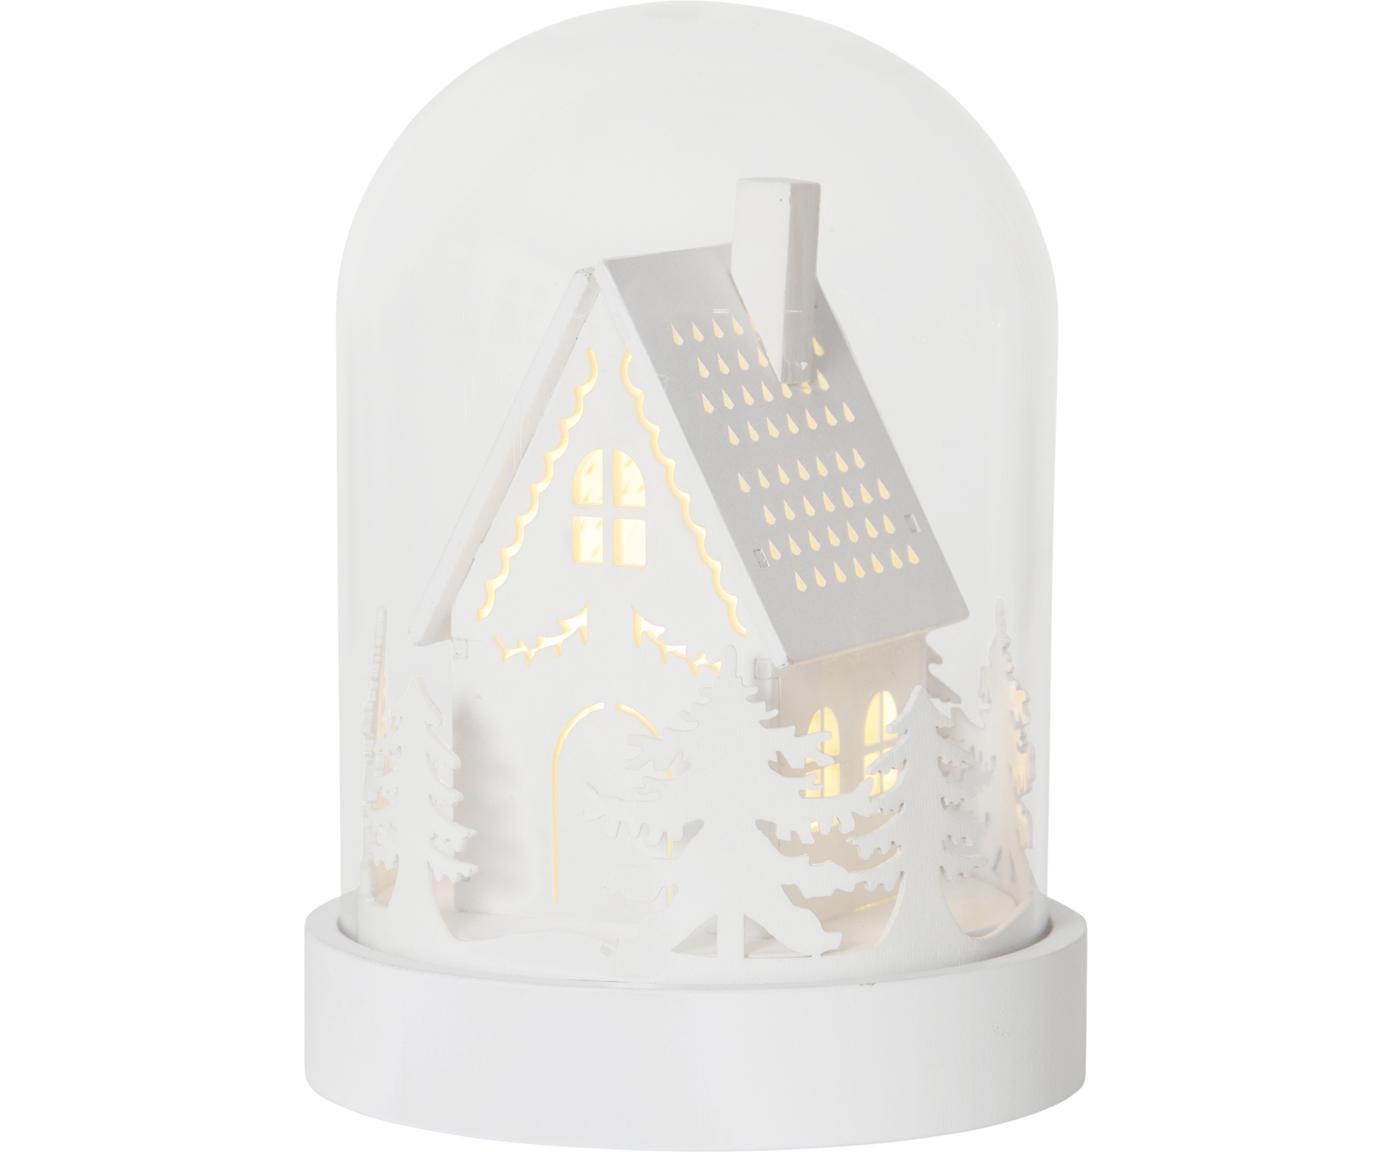 LED lichtobject House, batterij-aangedreven, MDF, kunststof, glas, Wit, transparant, Ø 13 cm